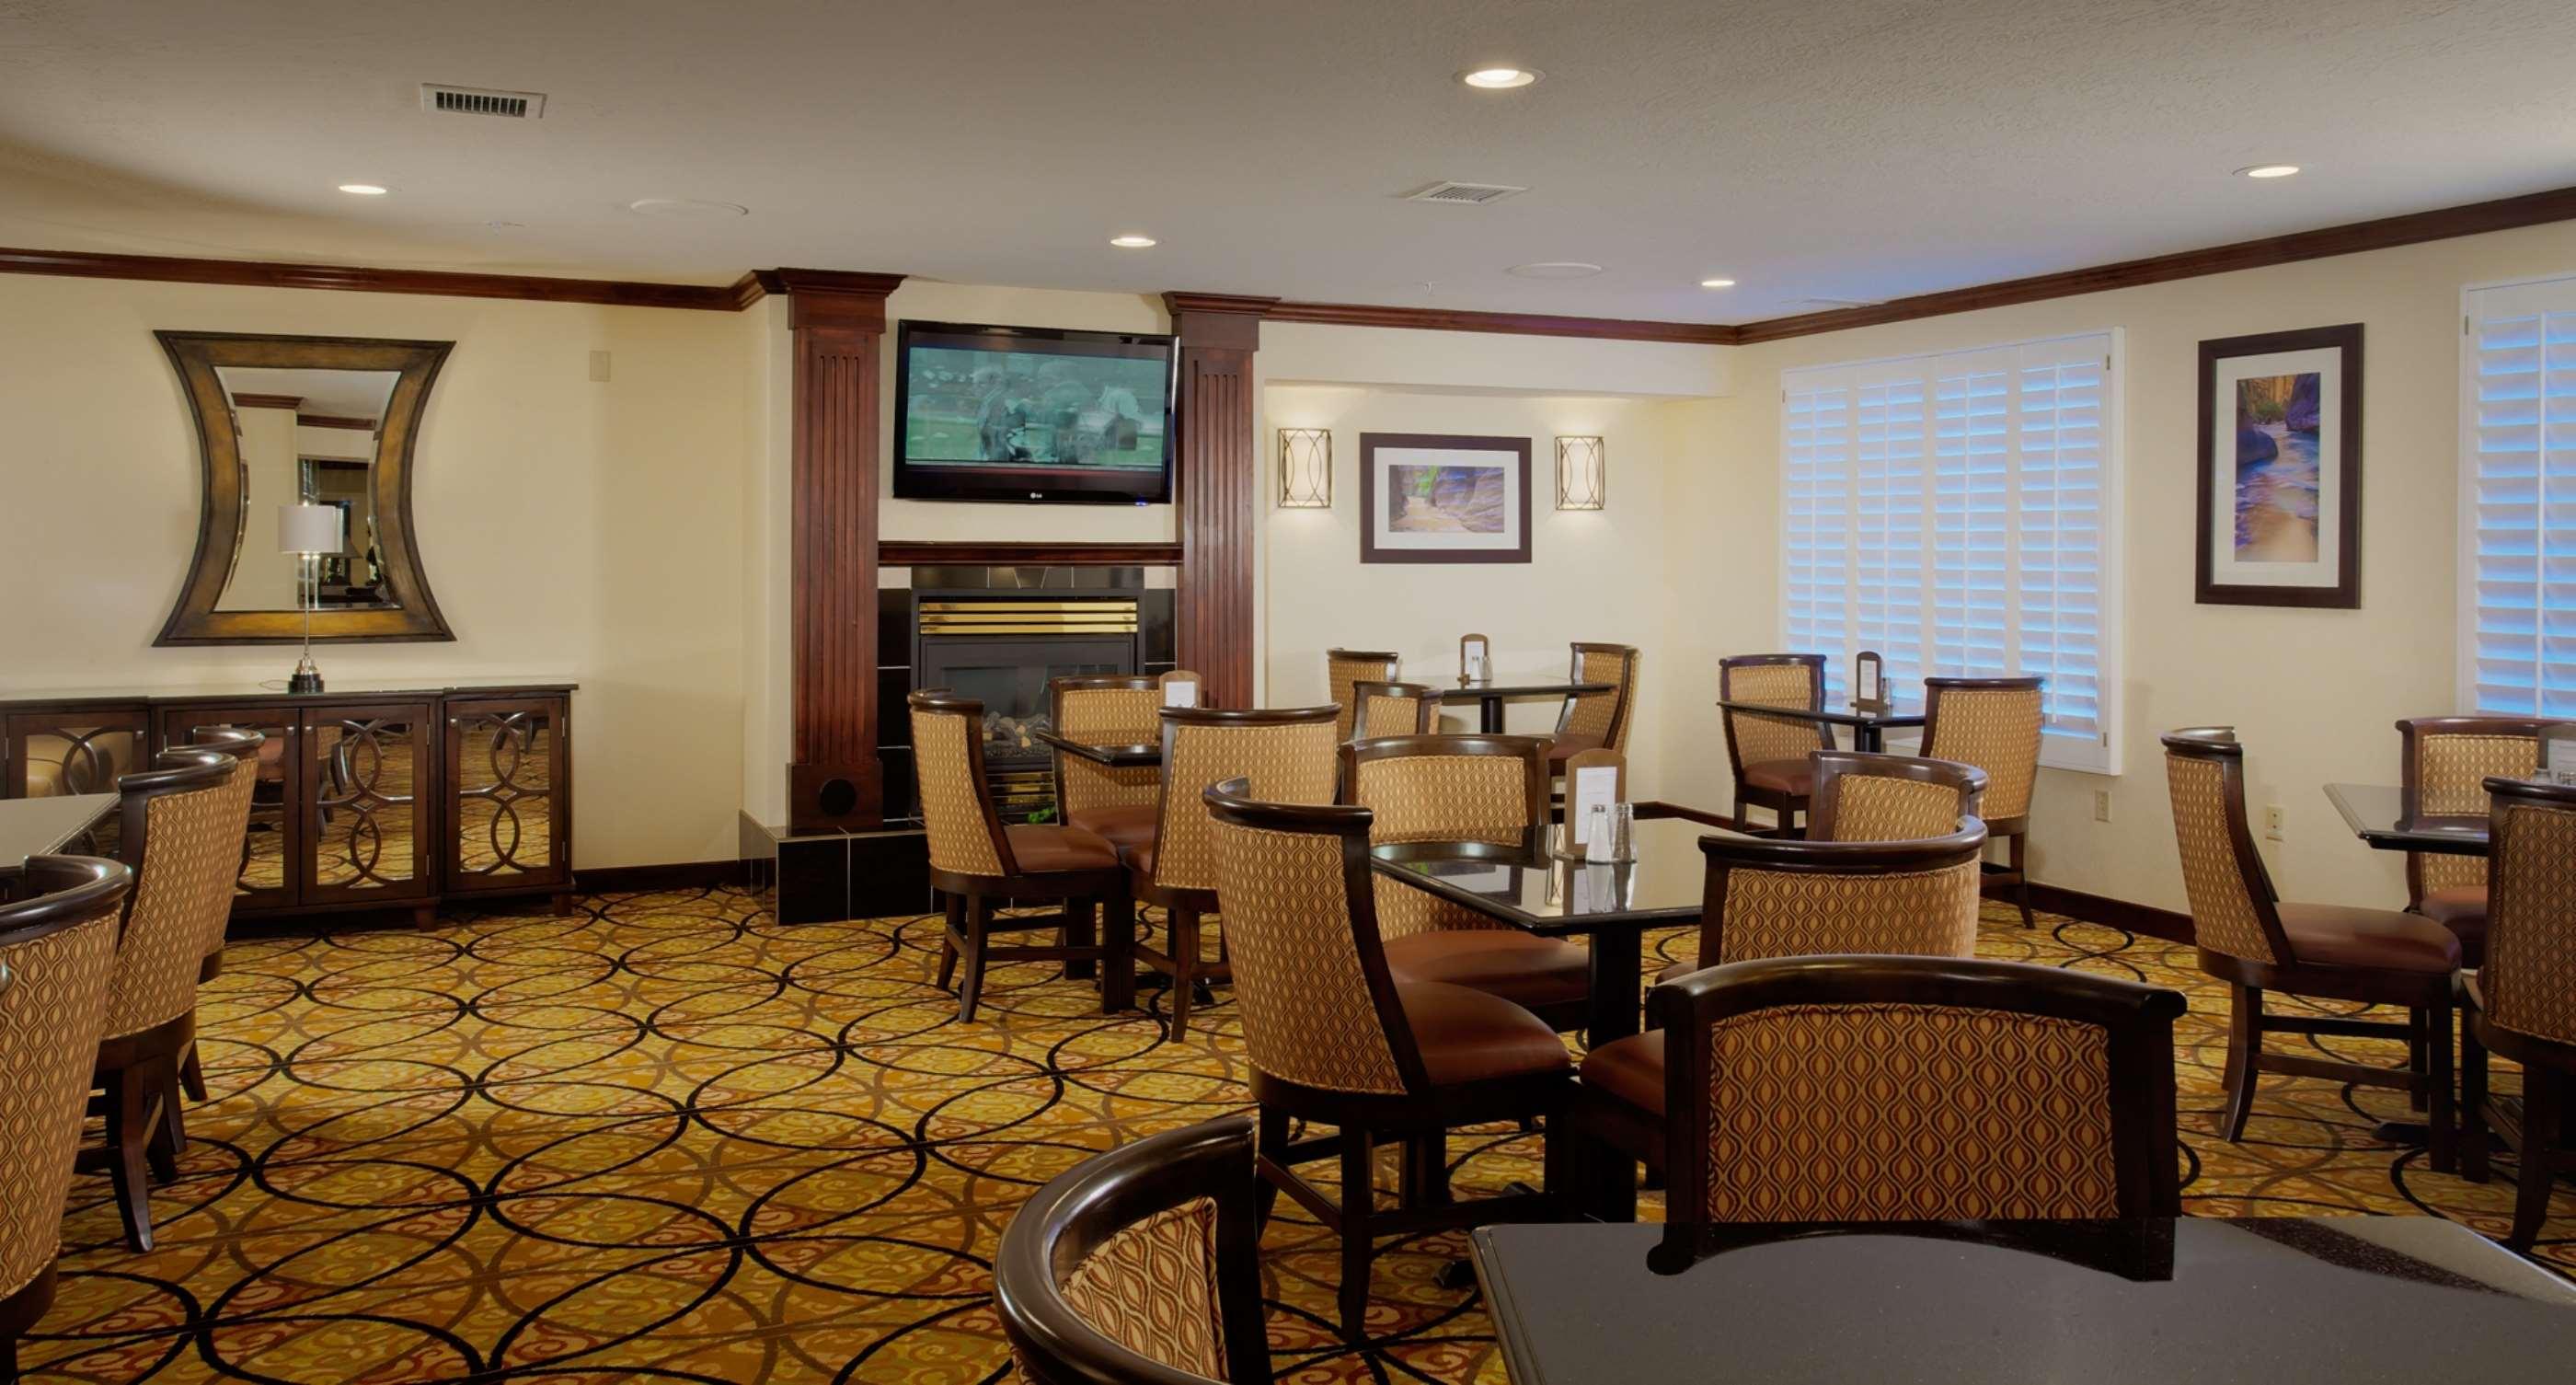 Hampton Inn & Suites Salt Lake City Airport image 6